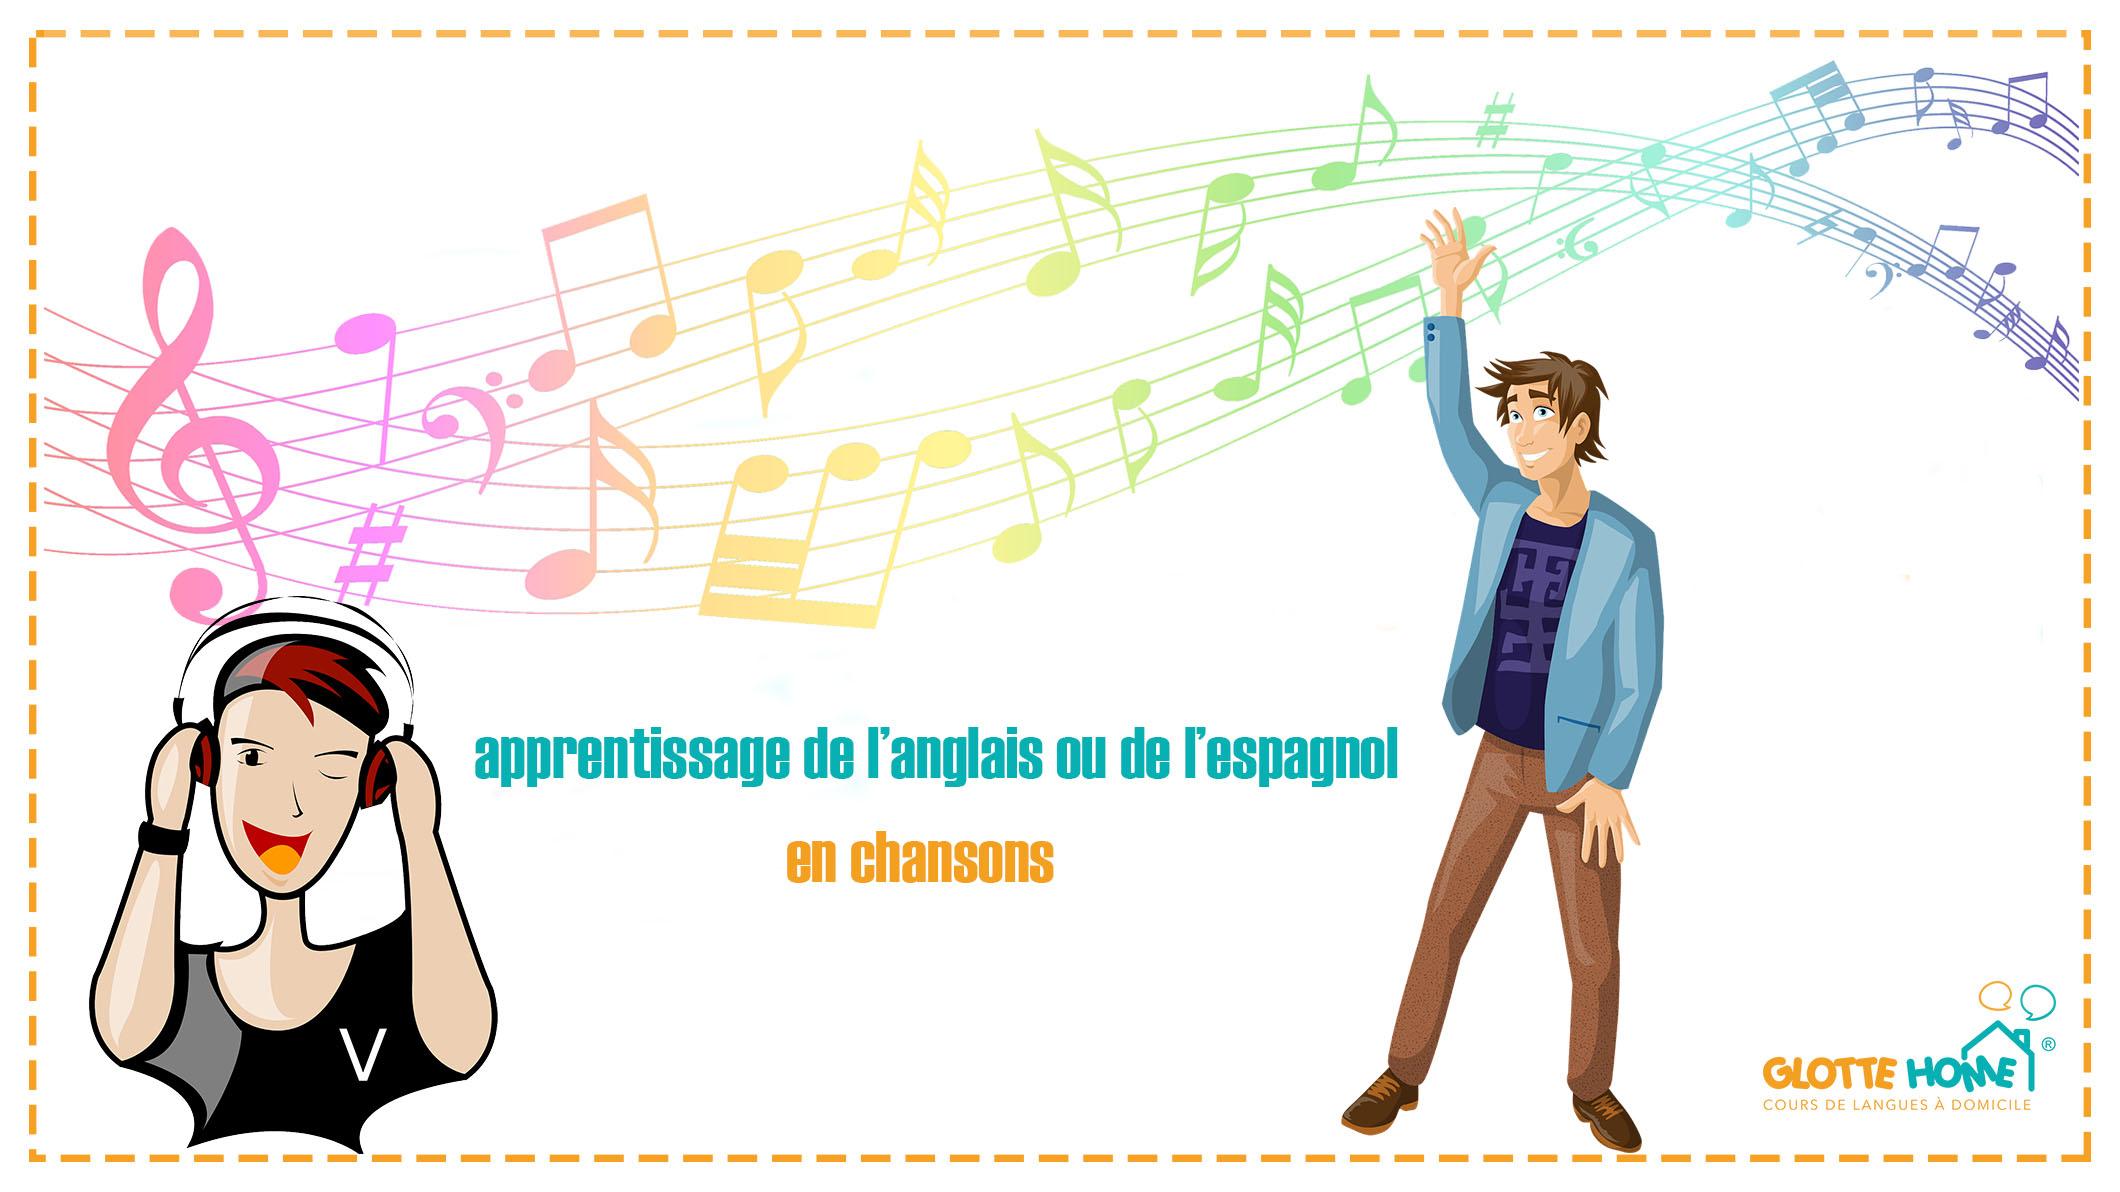 apprentissage de l'anglais ou de l'espagnol en chansons